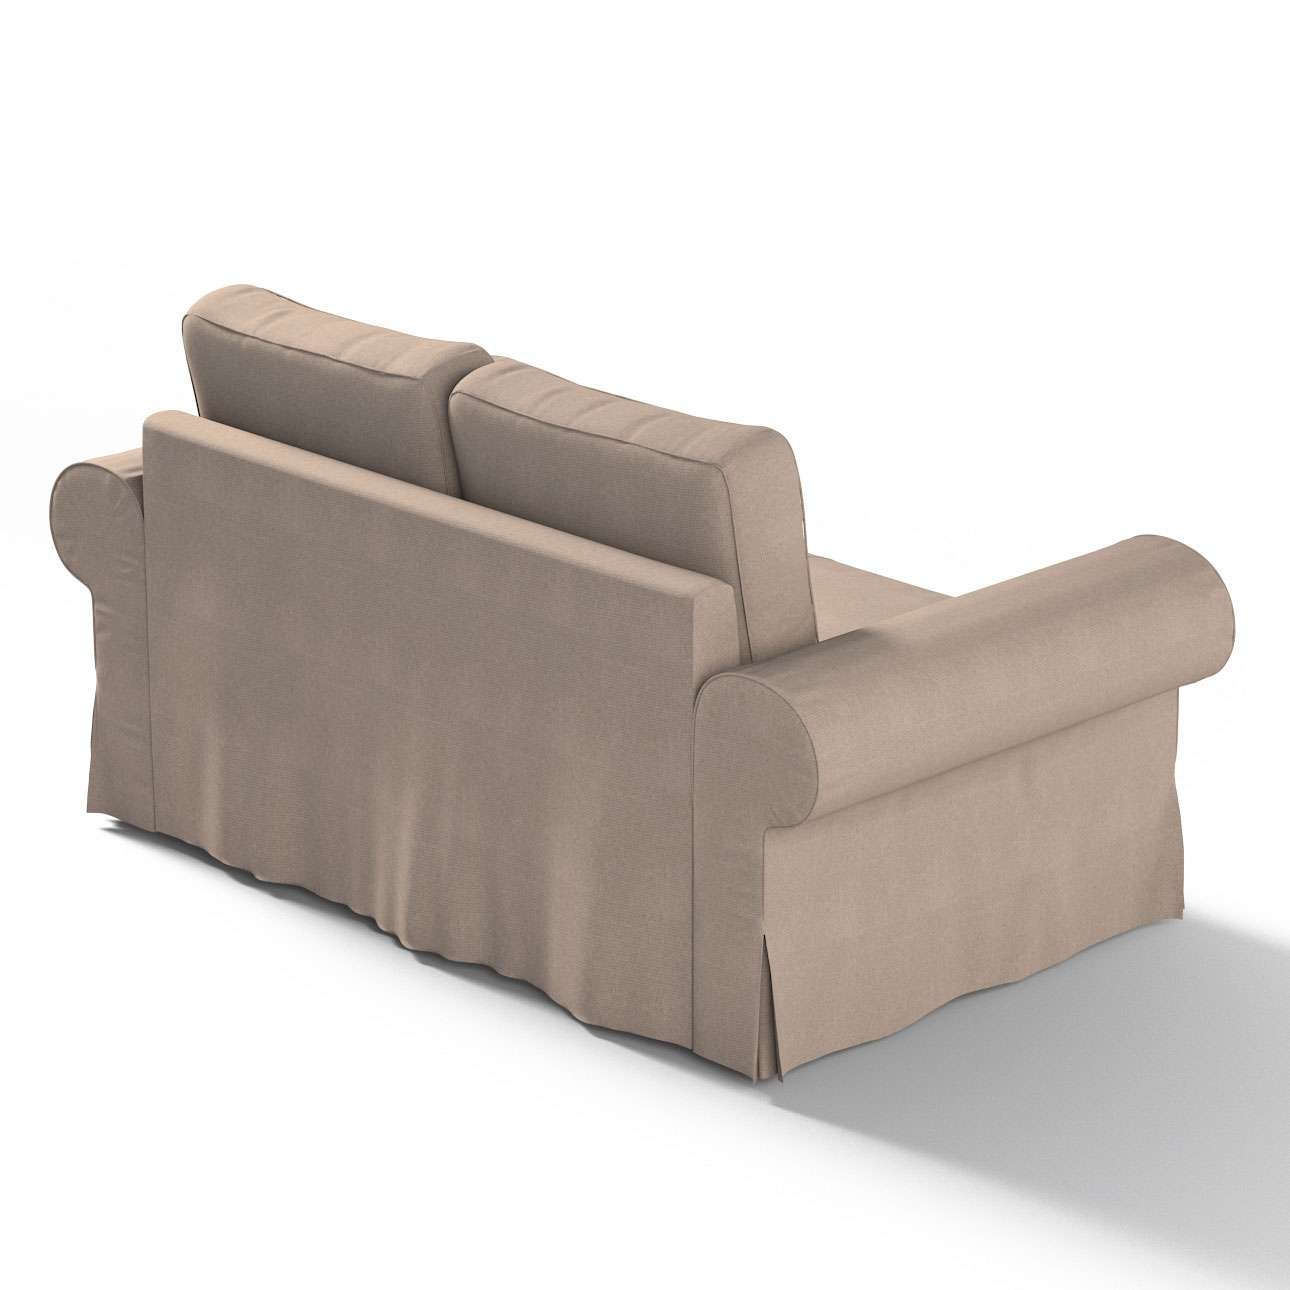 Backabro 2-Sitzer Sofabezug nicht ausklappbar von der Kollektion Etna, Stoff: 705-09